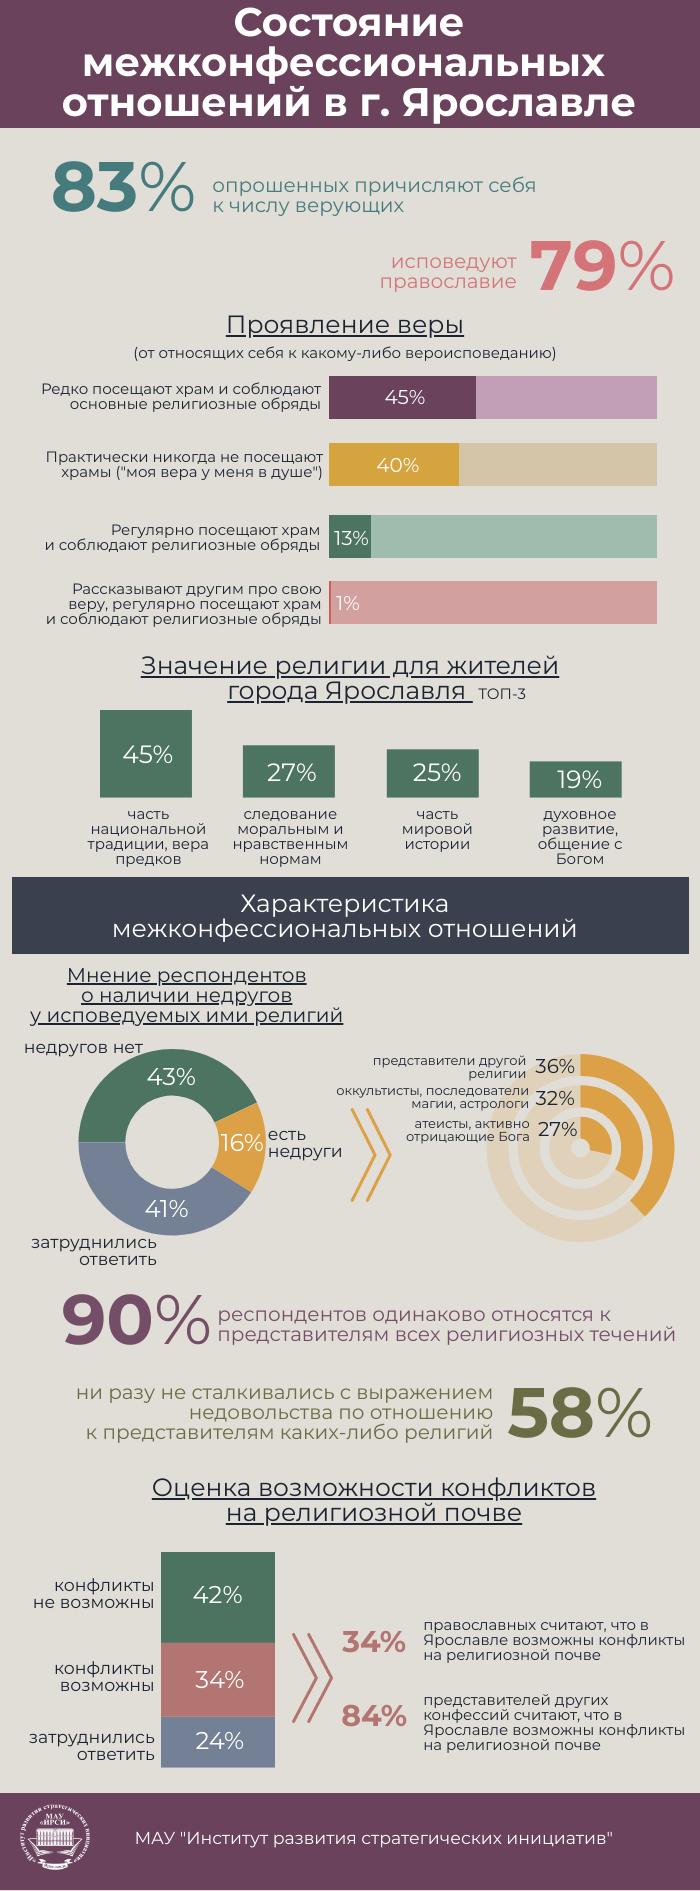 Социология межнациональных отношений и транспорта в Ярославле   ИРСИ.